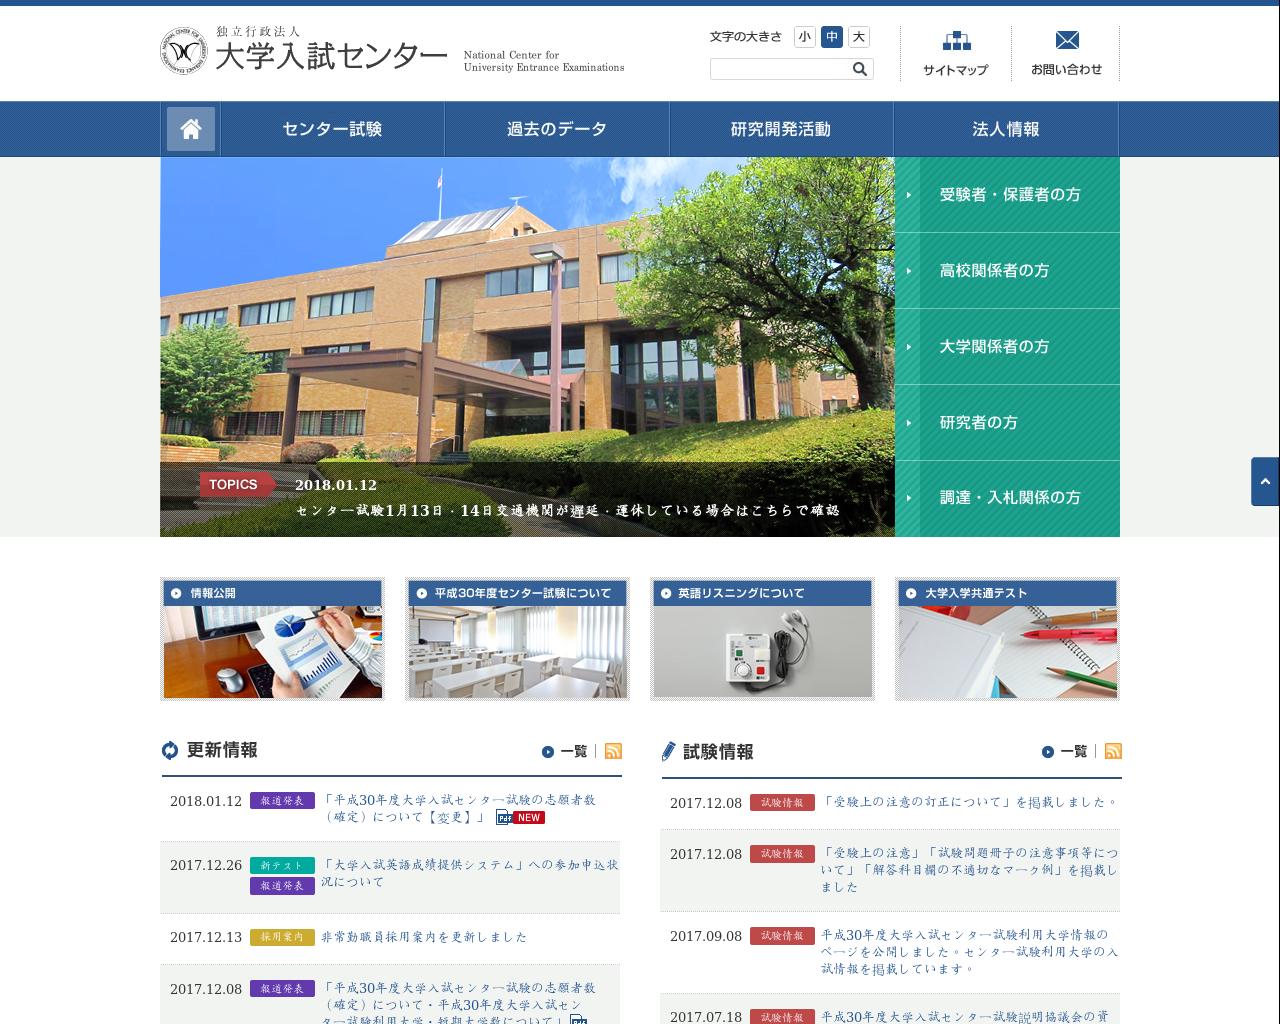 www.dnc.ac.jp(2018/01/13 02:10:42)